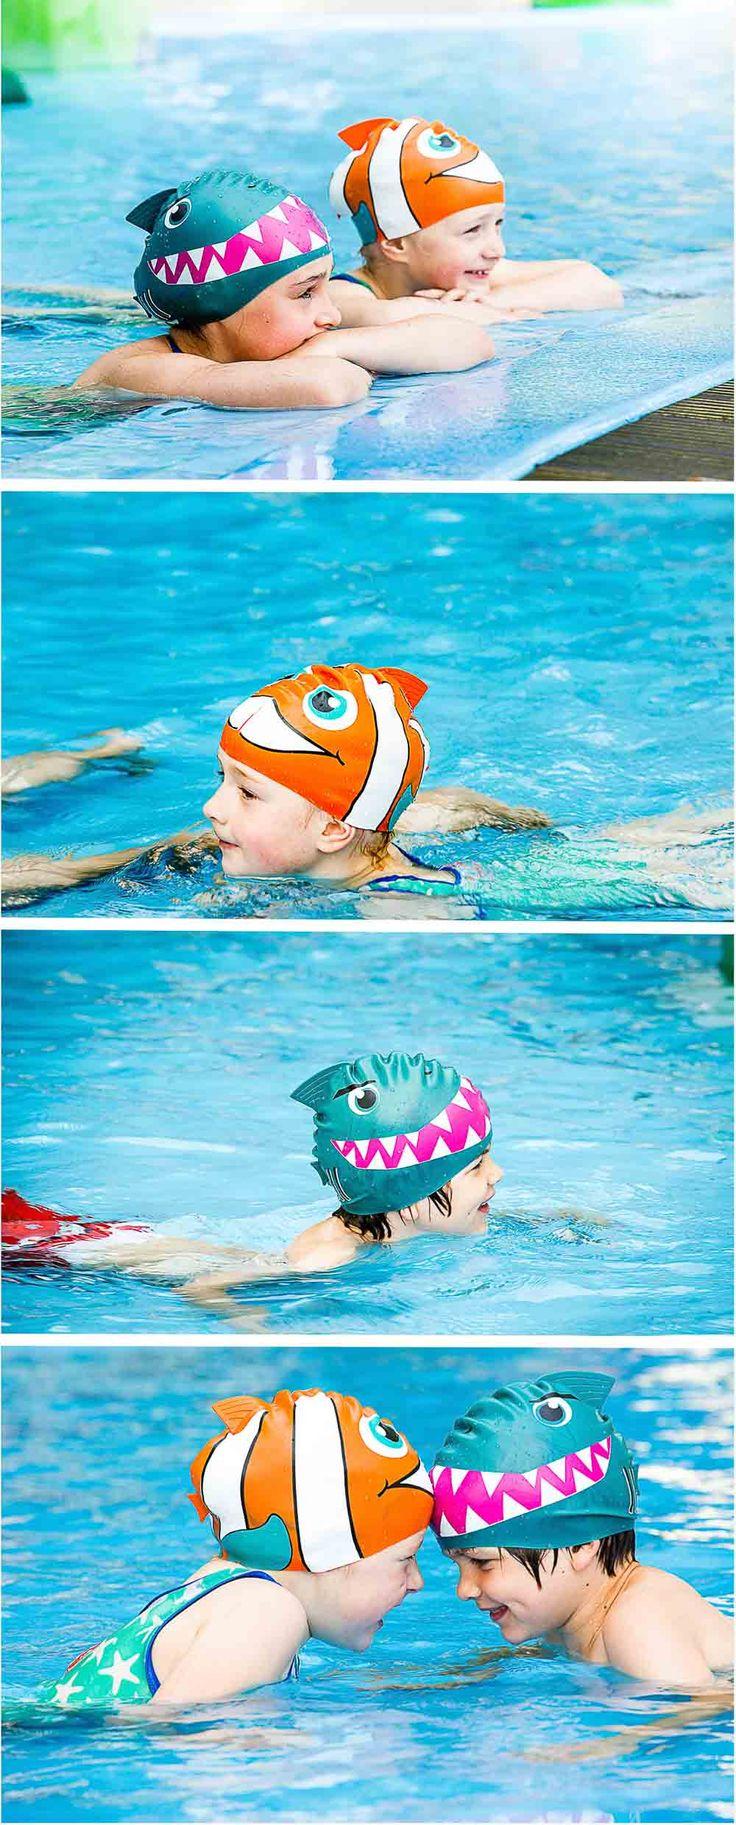 gorros de natación para niños #natacion #gorro #gorrotiburon #gorronemo #nemo #tiburon Regalo para niños #regalos